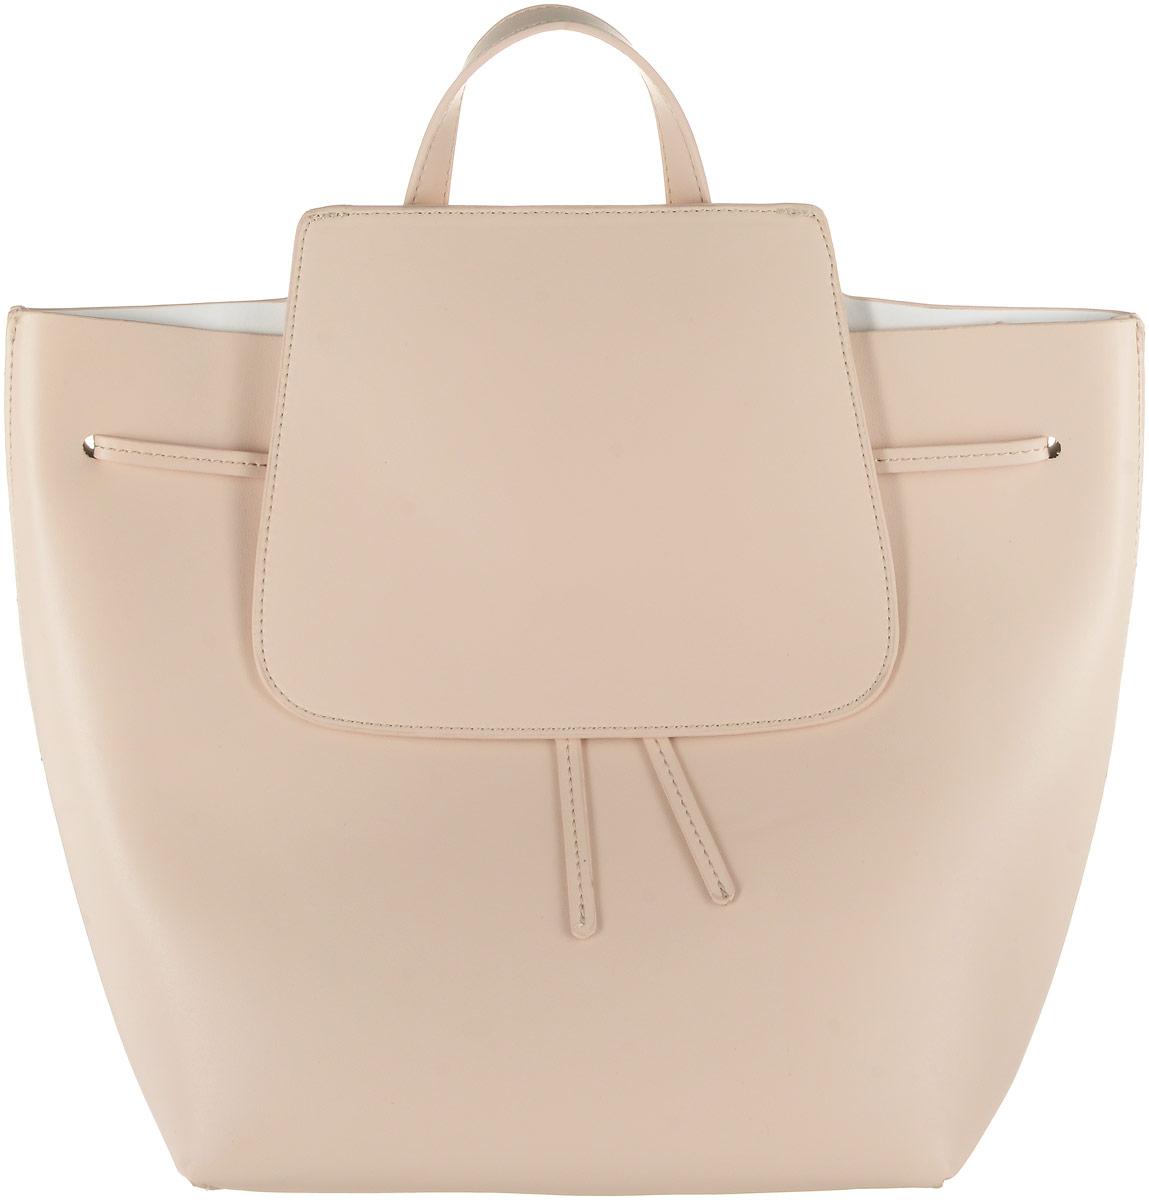 Рюкзак женский Vitacci, цвет: бежевый. HG0014101225Стильный женский рюкзак Vitacci выполнен из искусственной кожи. Рюкзак имеет одно основное отделение, которое закрывается на затягивающийся шнурок и клапан смагнитной кнопкой. Внутри карман на застежке-молнии. Рюкзак оснащен двумя регулируемыми по длине лямками и петлей для подвешивания.